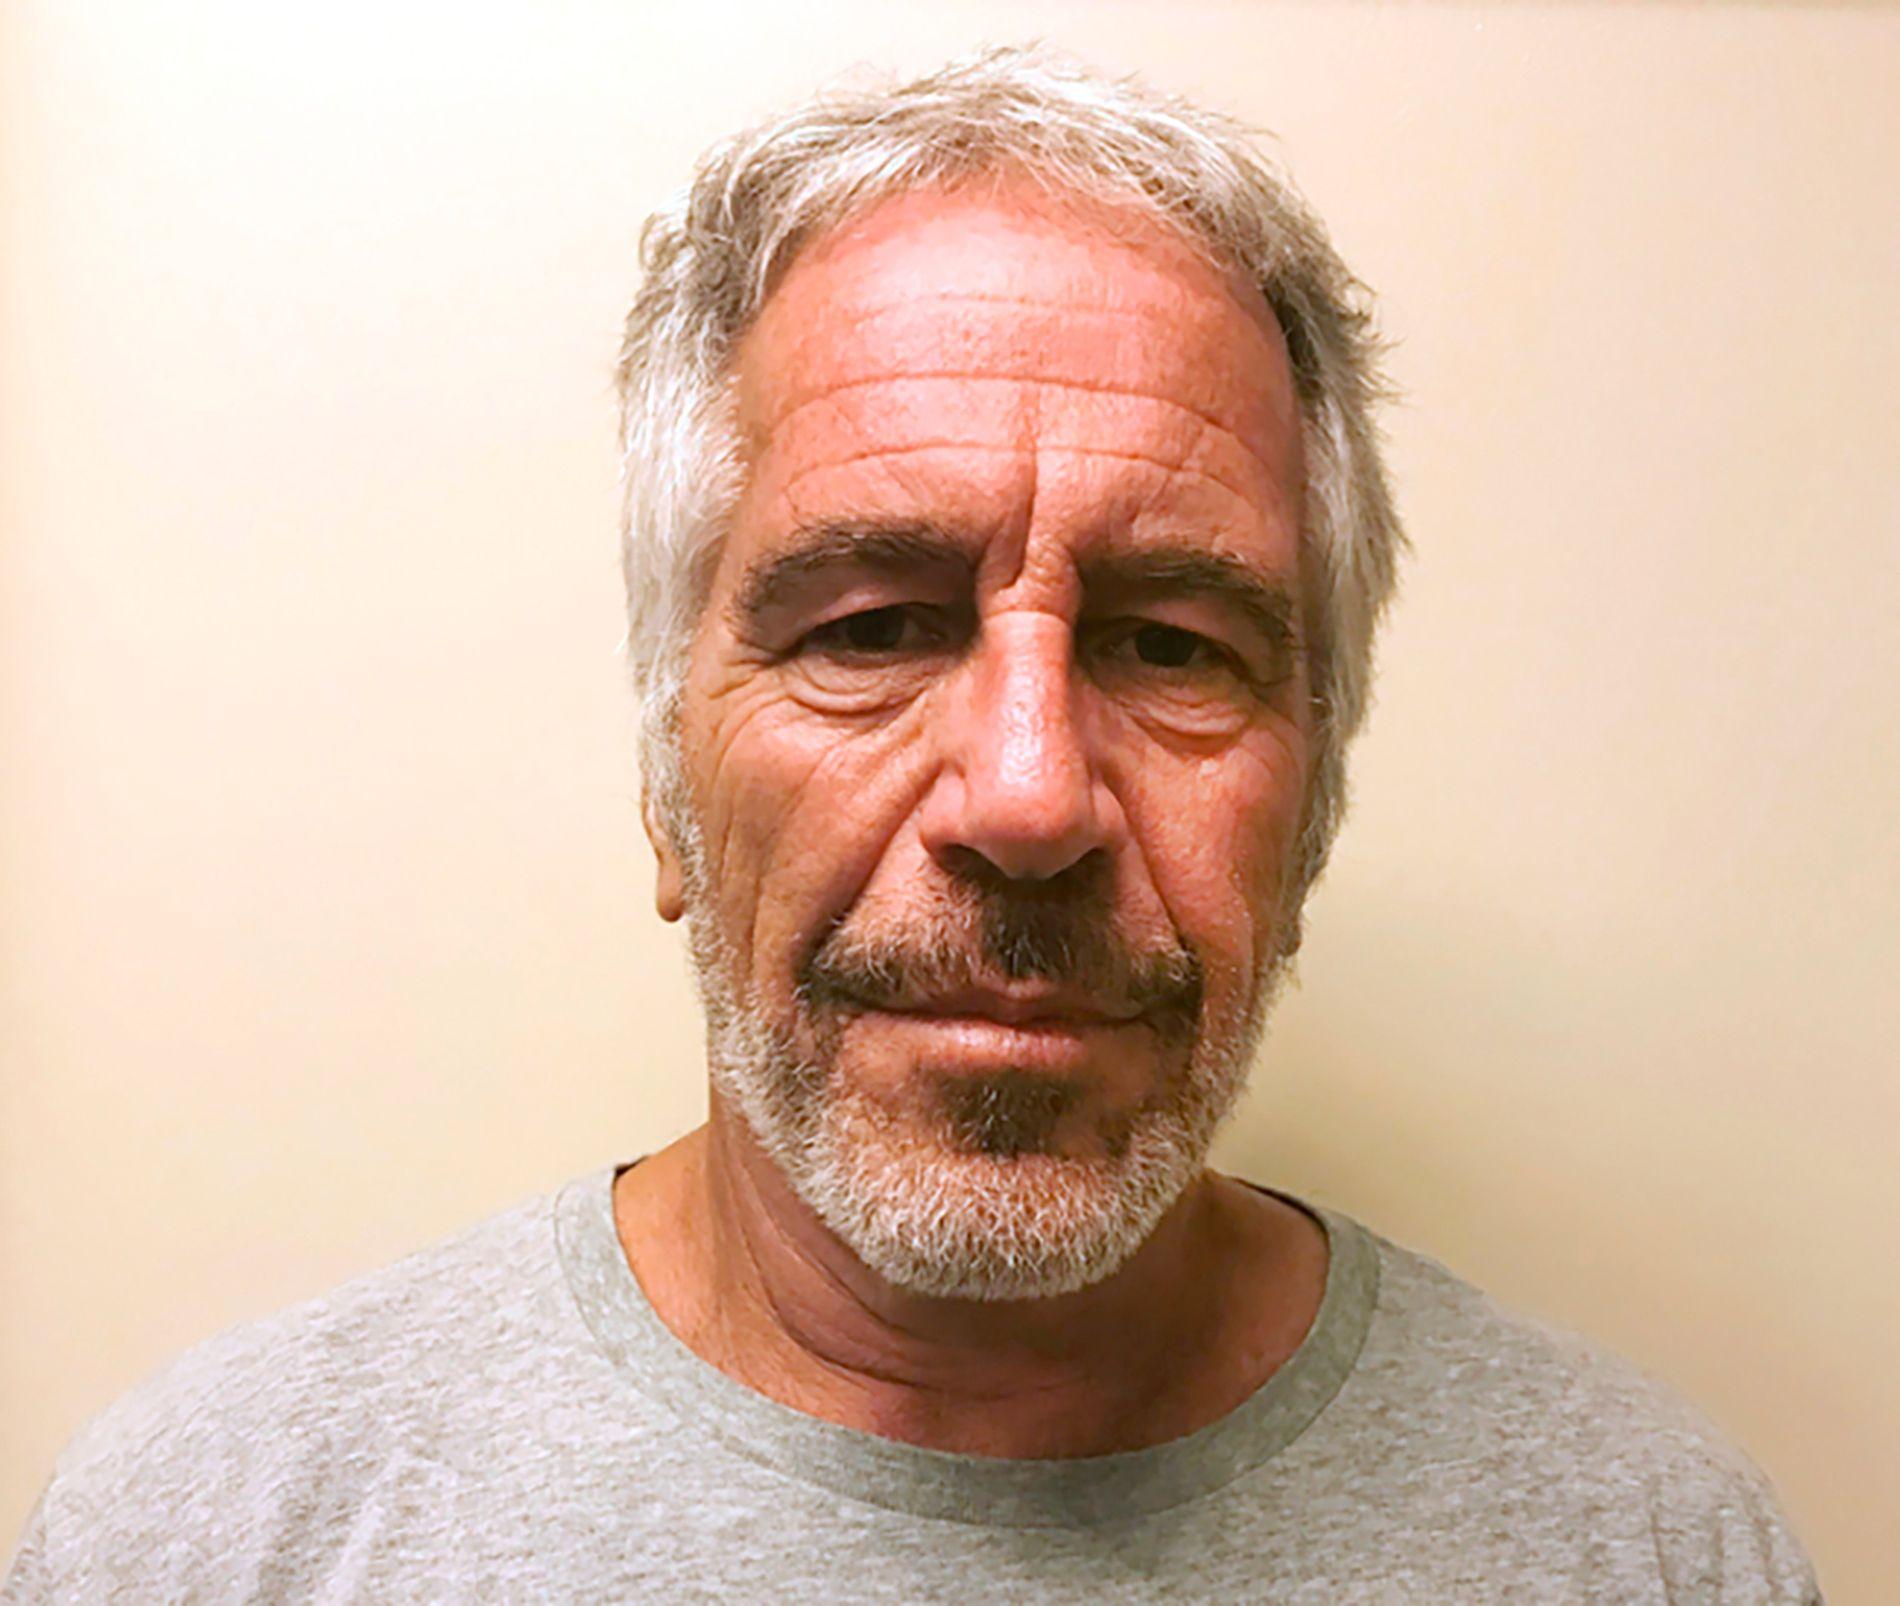 DØD: Jeffrey Epstein rakk aldri å møte til retten for å svare på tiltalen mot ham. Kort tid før han døde ble han anklaget seksualforbrytelser, blant annet mot mindreårige.